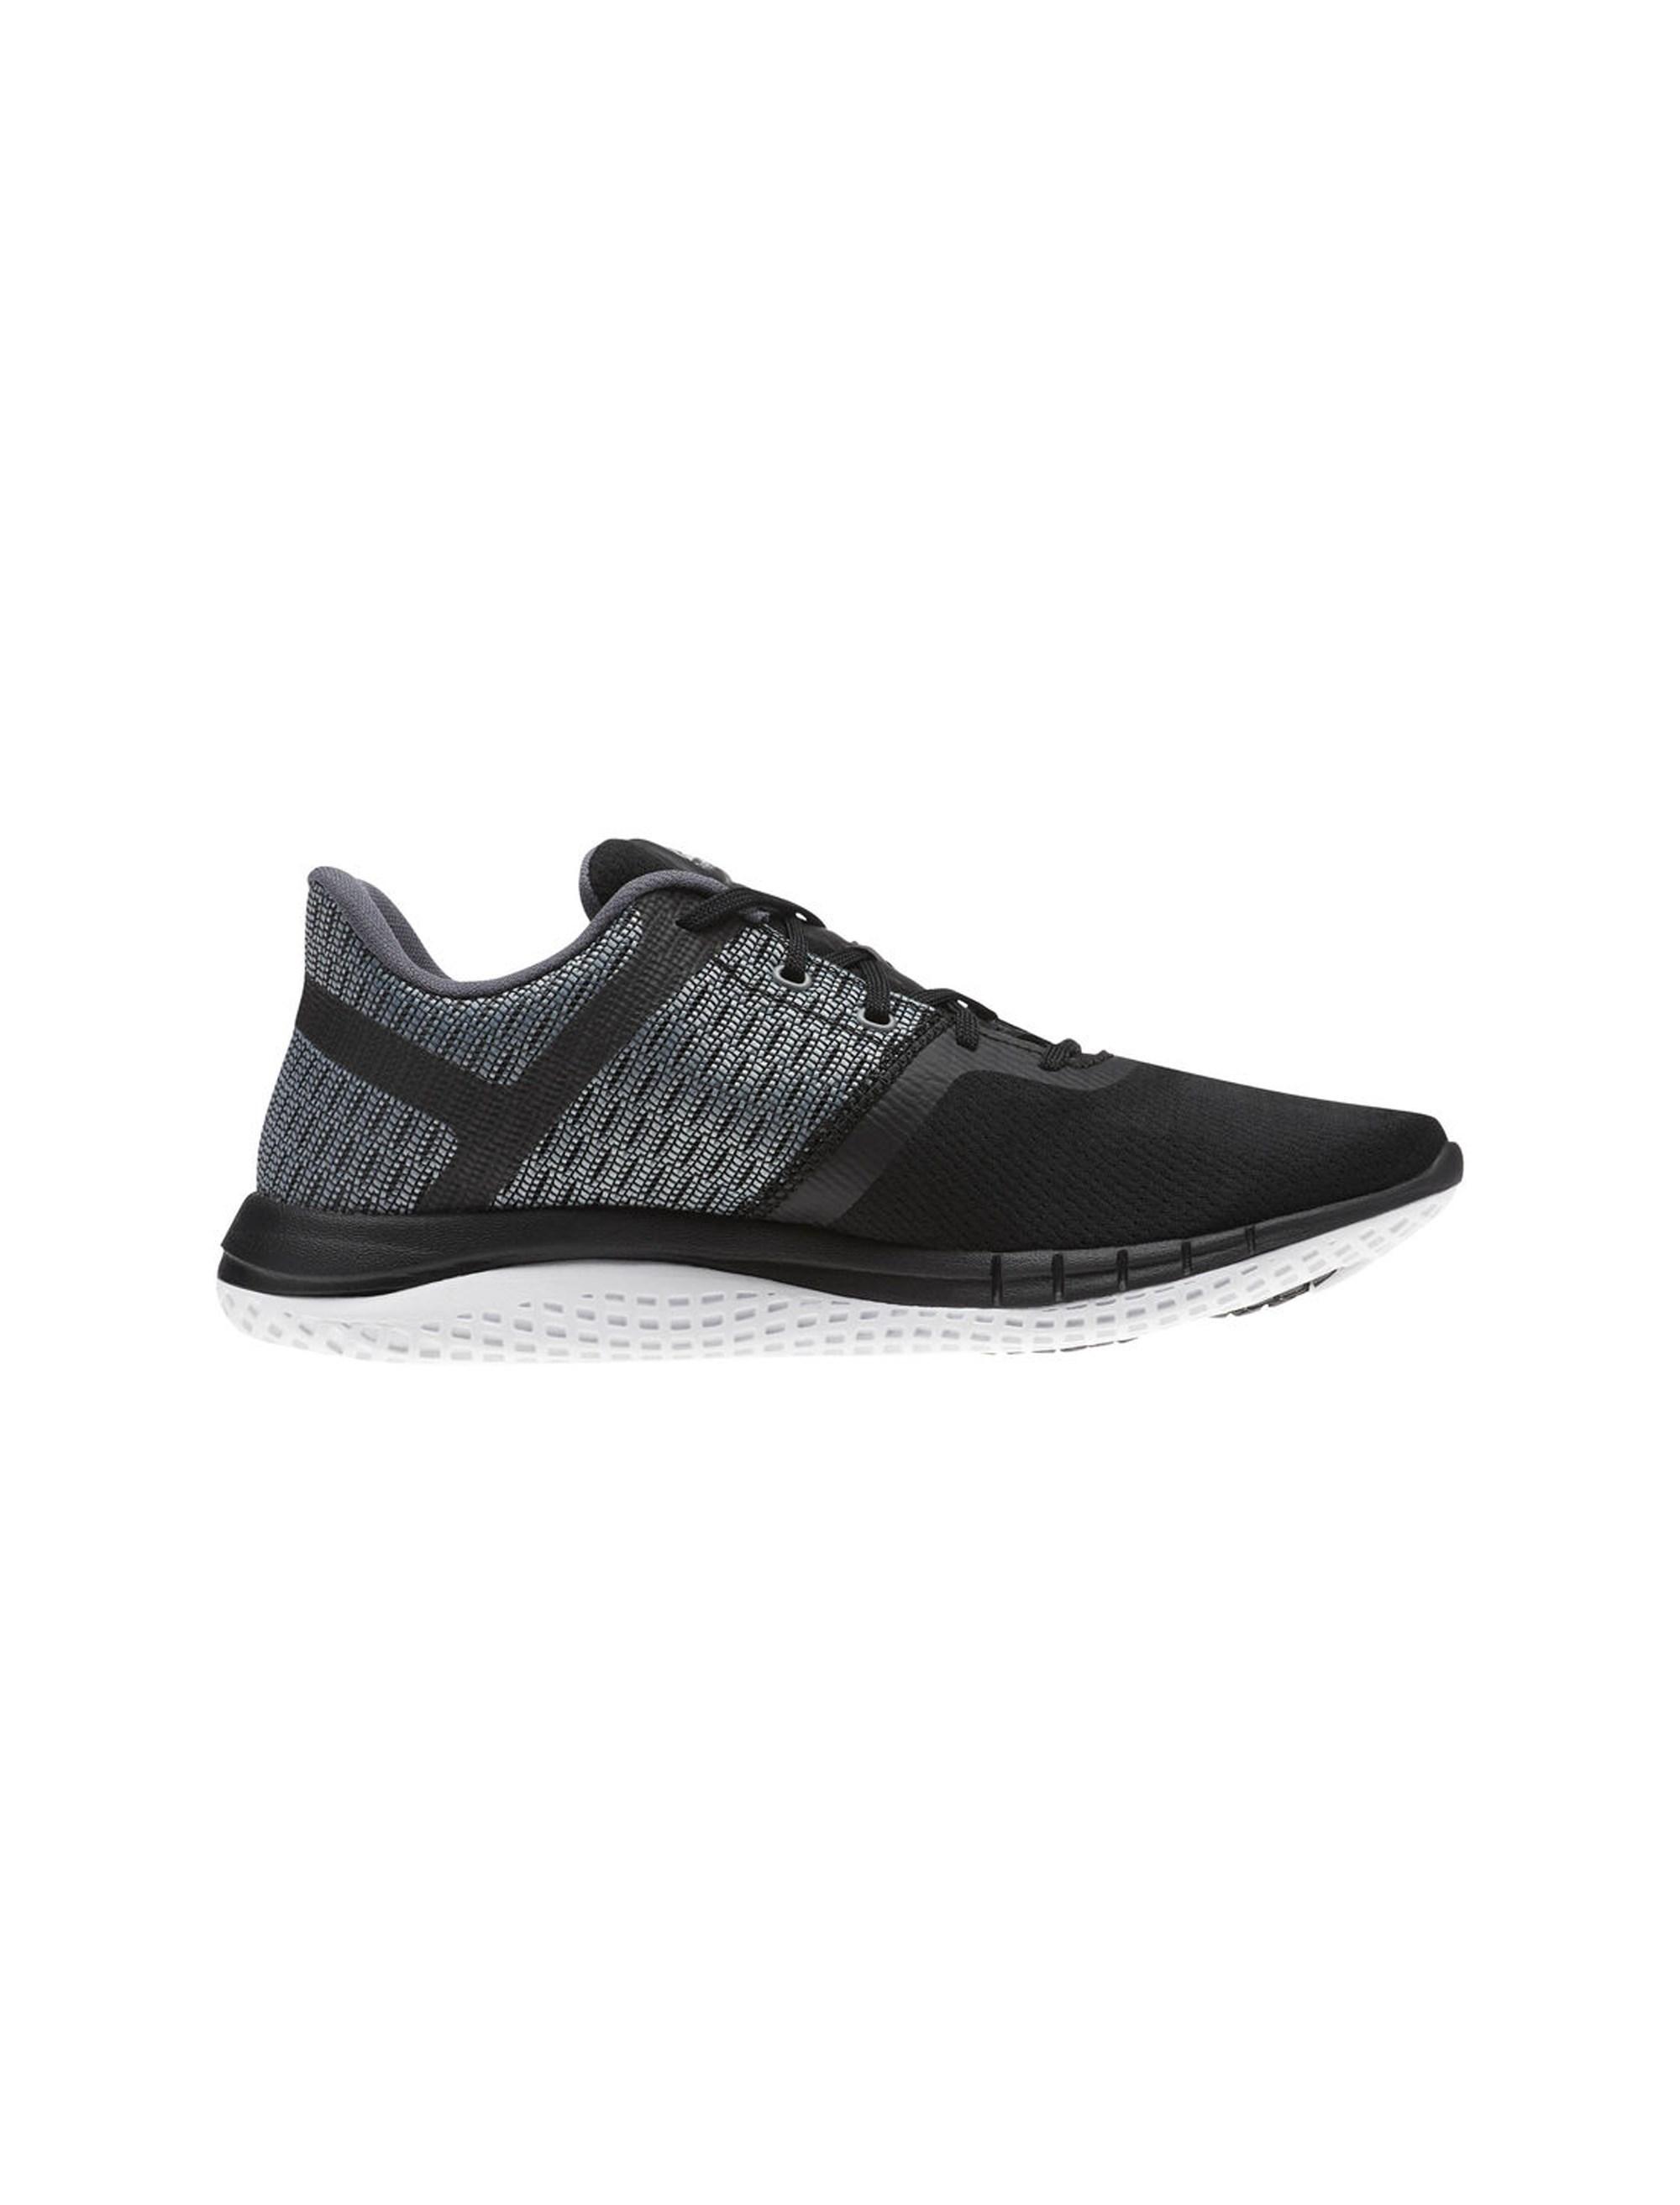 قیمت کفش مخصوص دویدن مردانه ریباک مدل REEBOK PRINT RUN NEXT